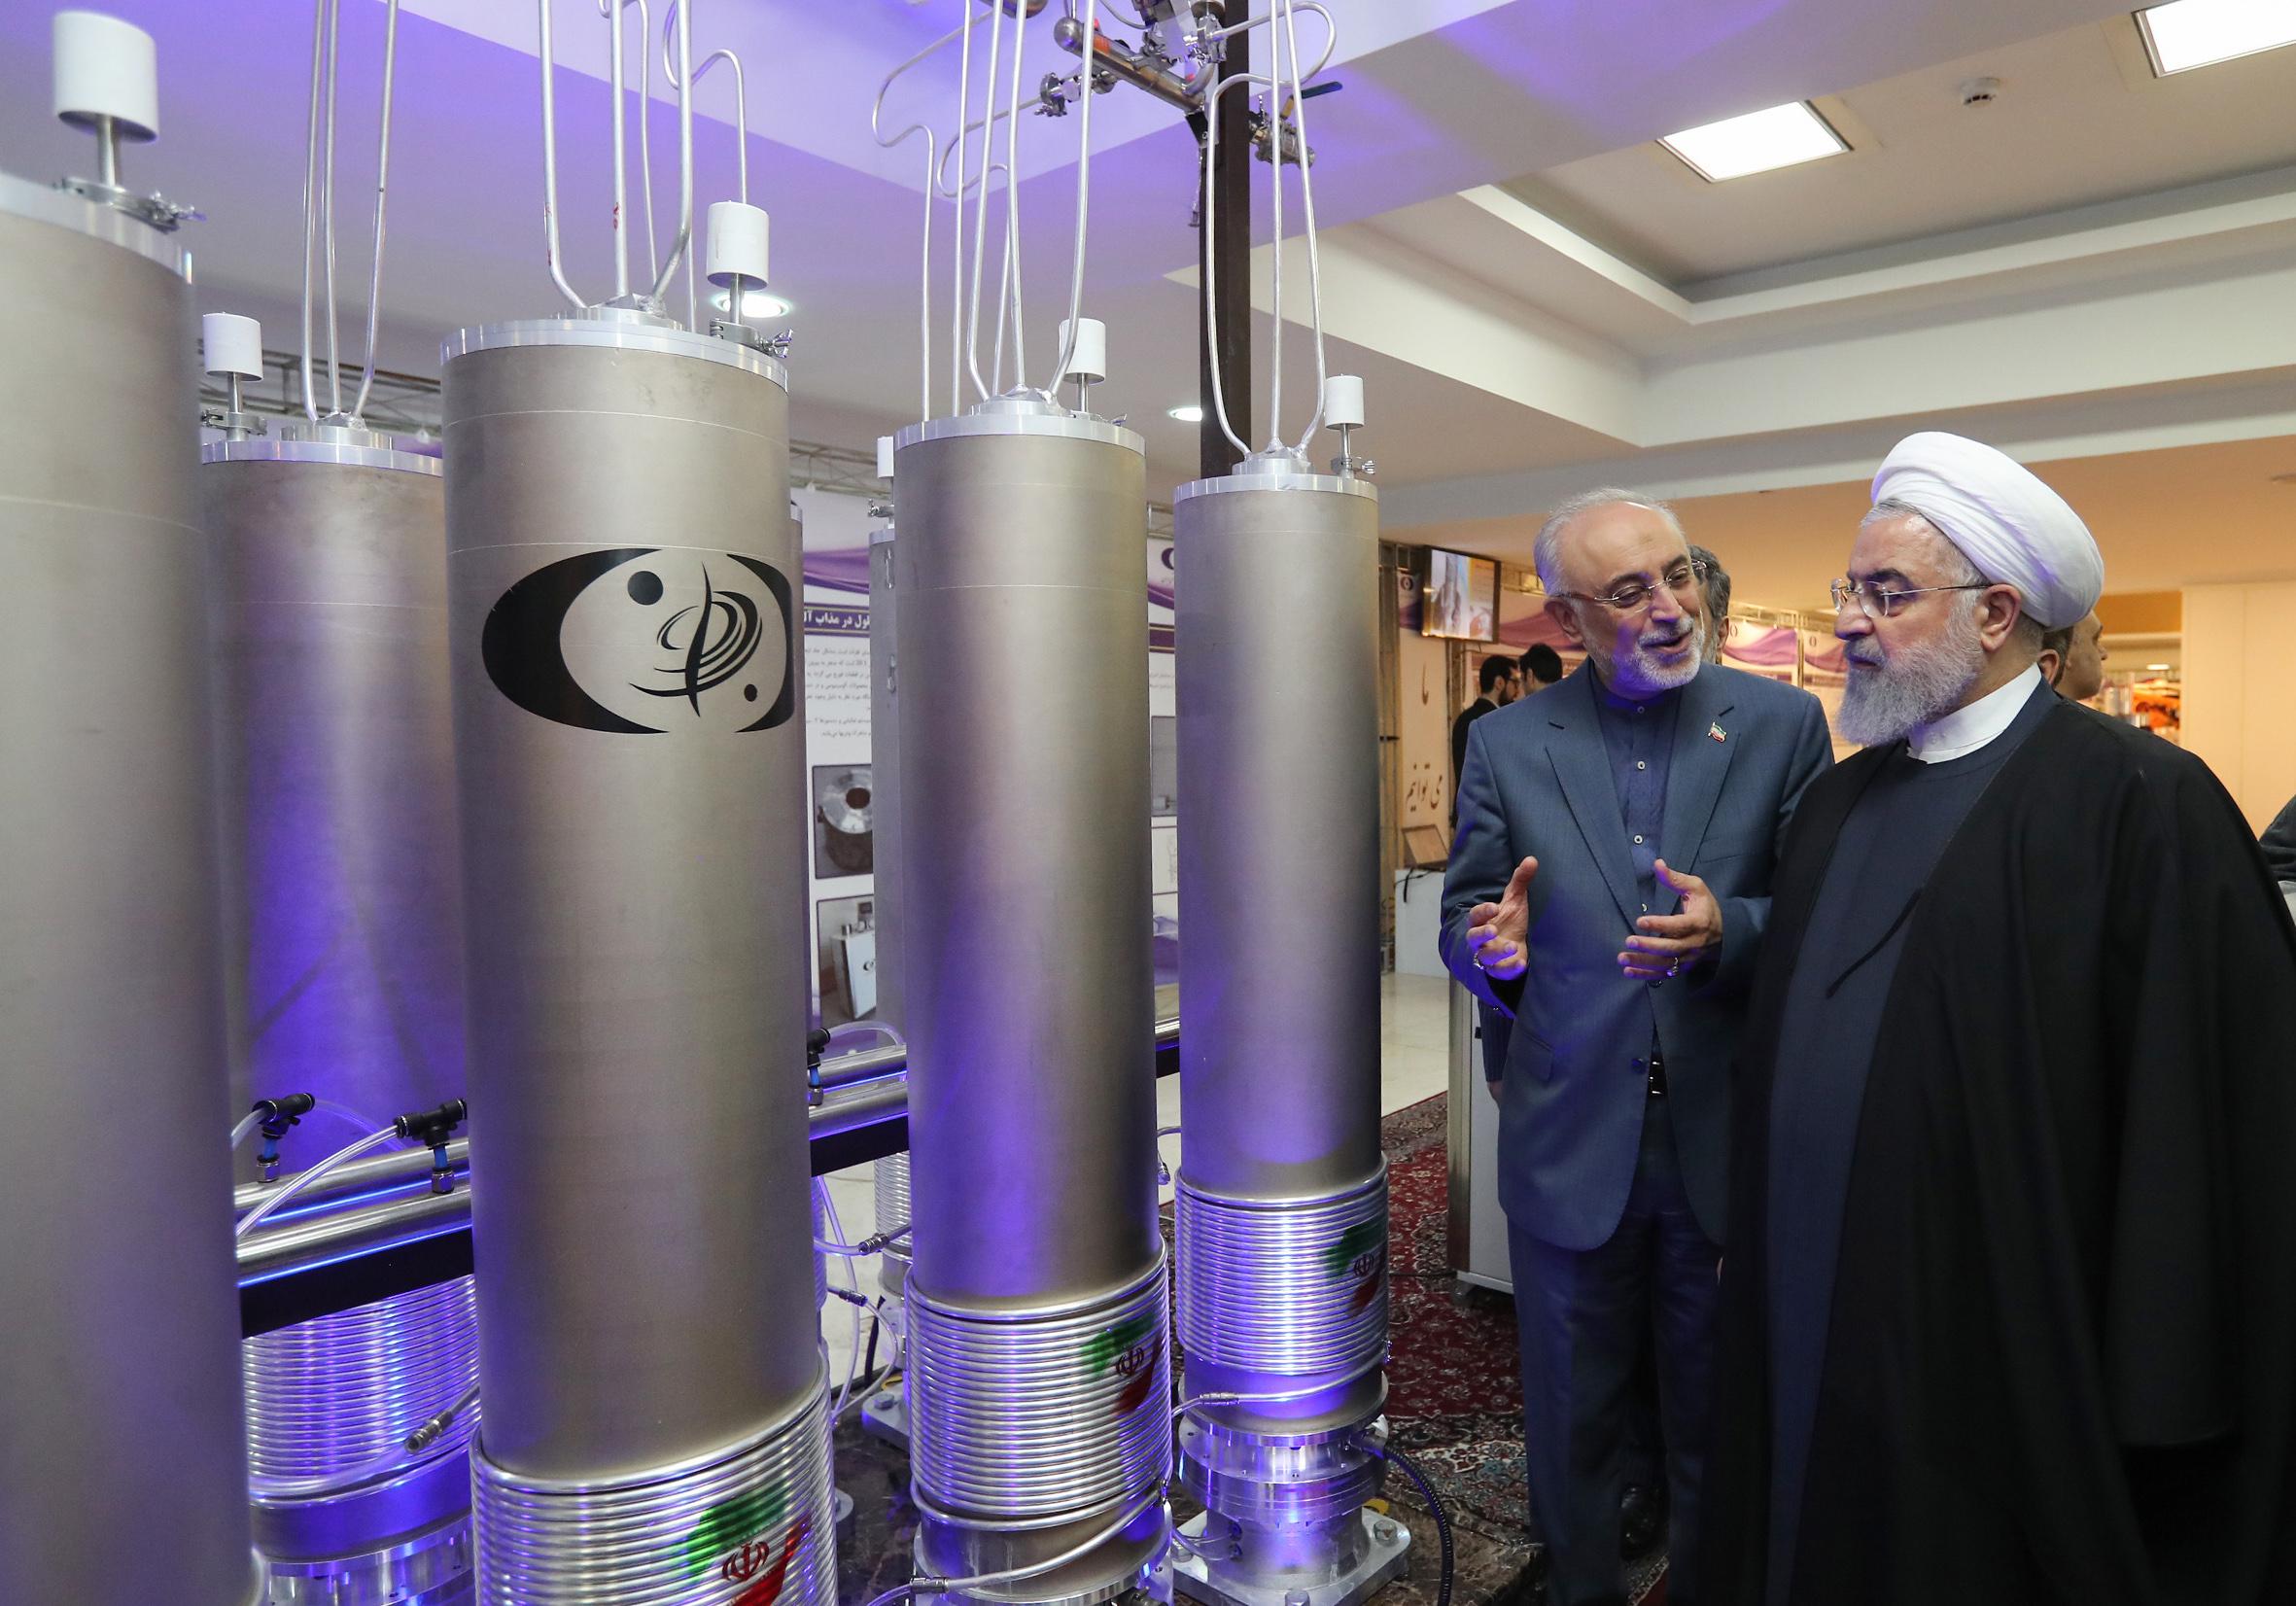 Irán megerősítette, hogy hiteles a Nemzetközi Atomenergia-ügynökség jelentése, ami szerint fokozta az urándúsítást